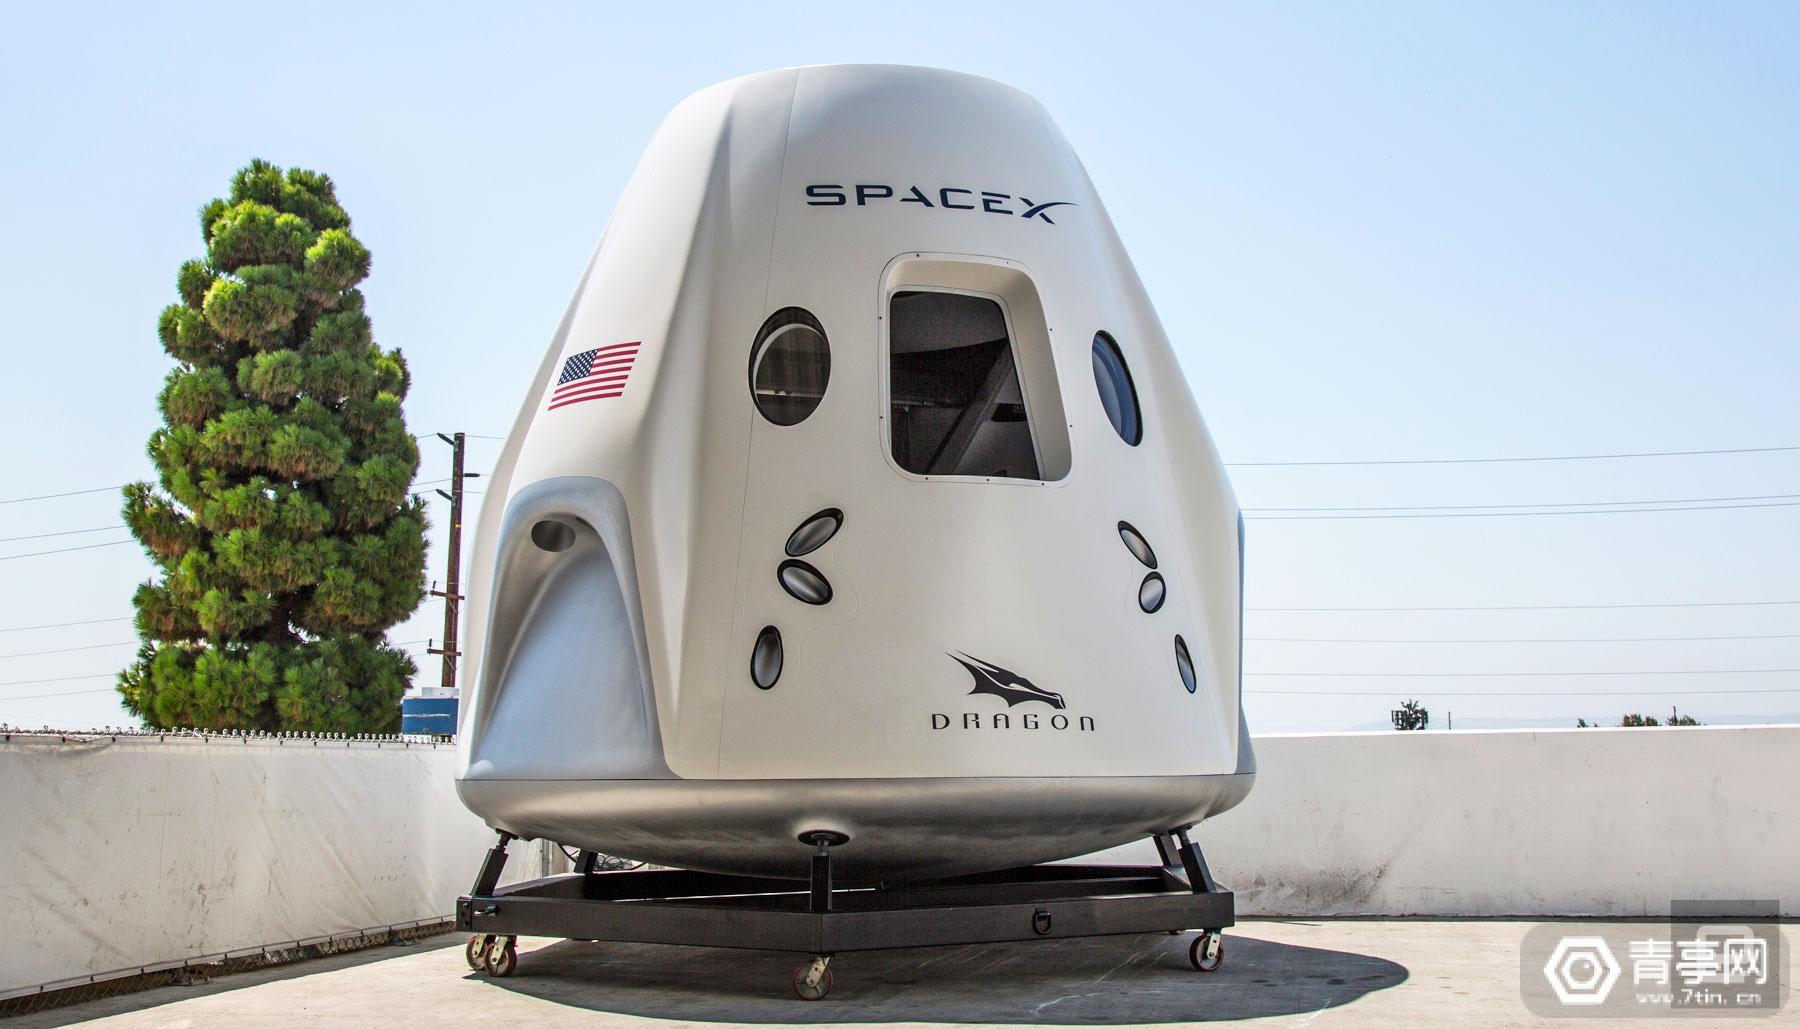 SpaceX公开展示载人飞船,明年有望送宇航员进太空